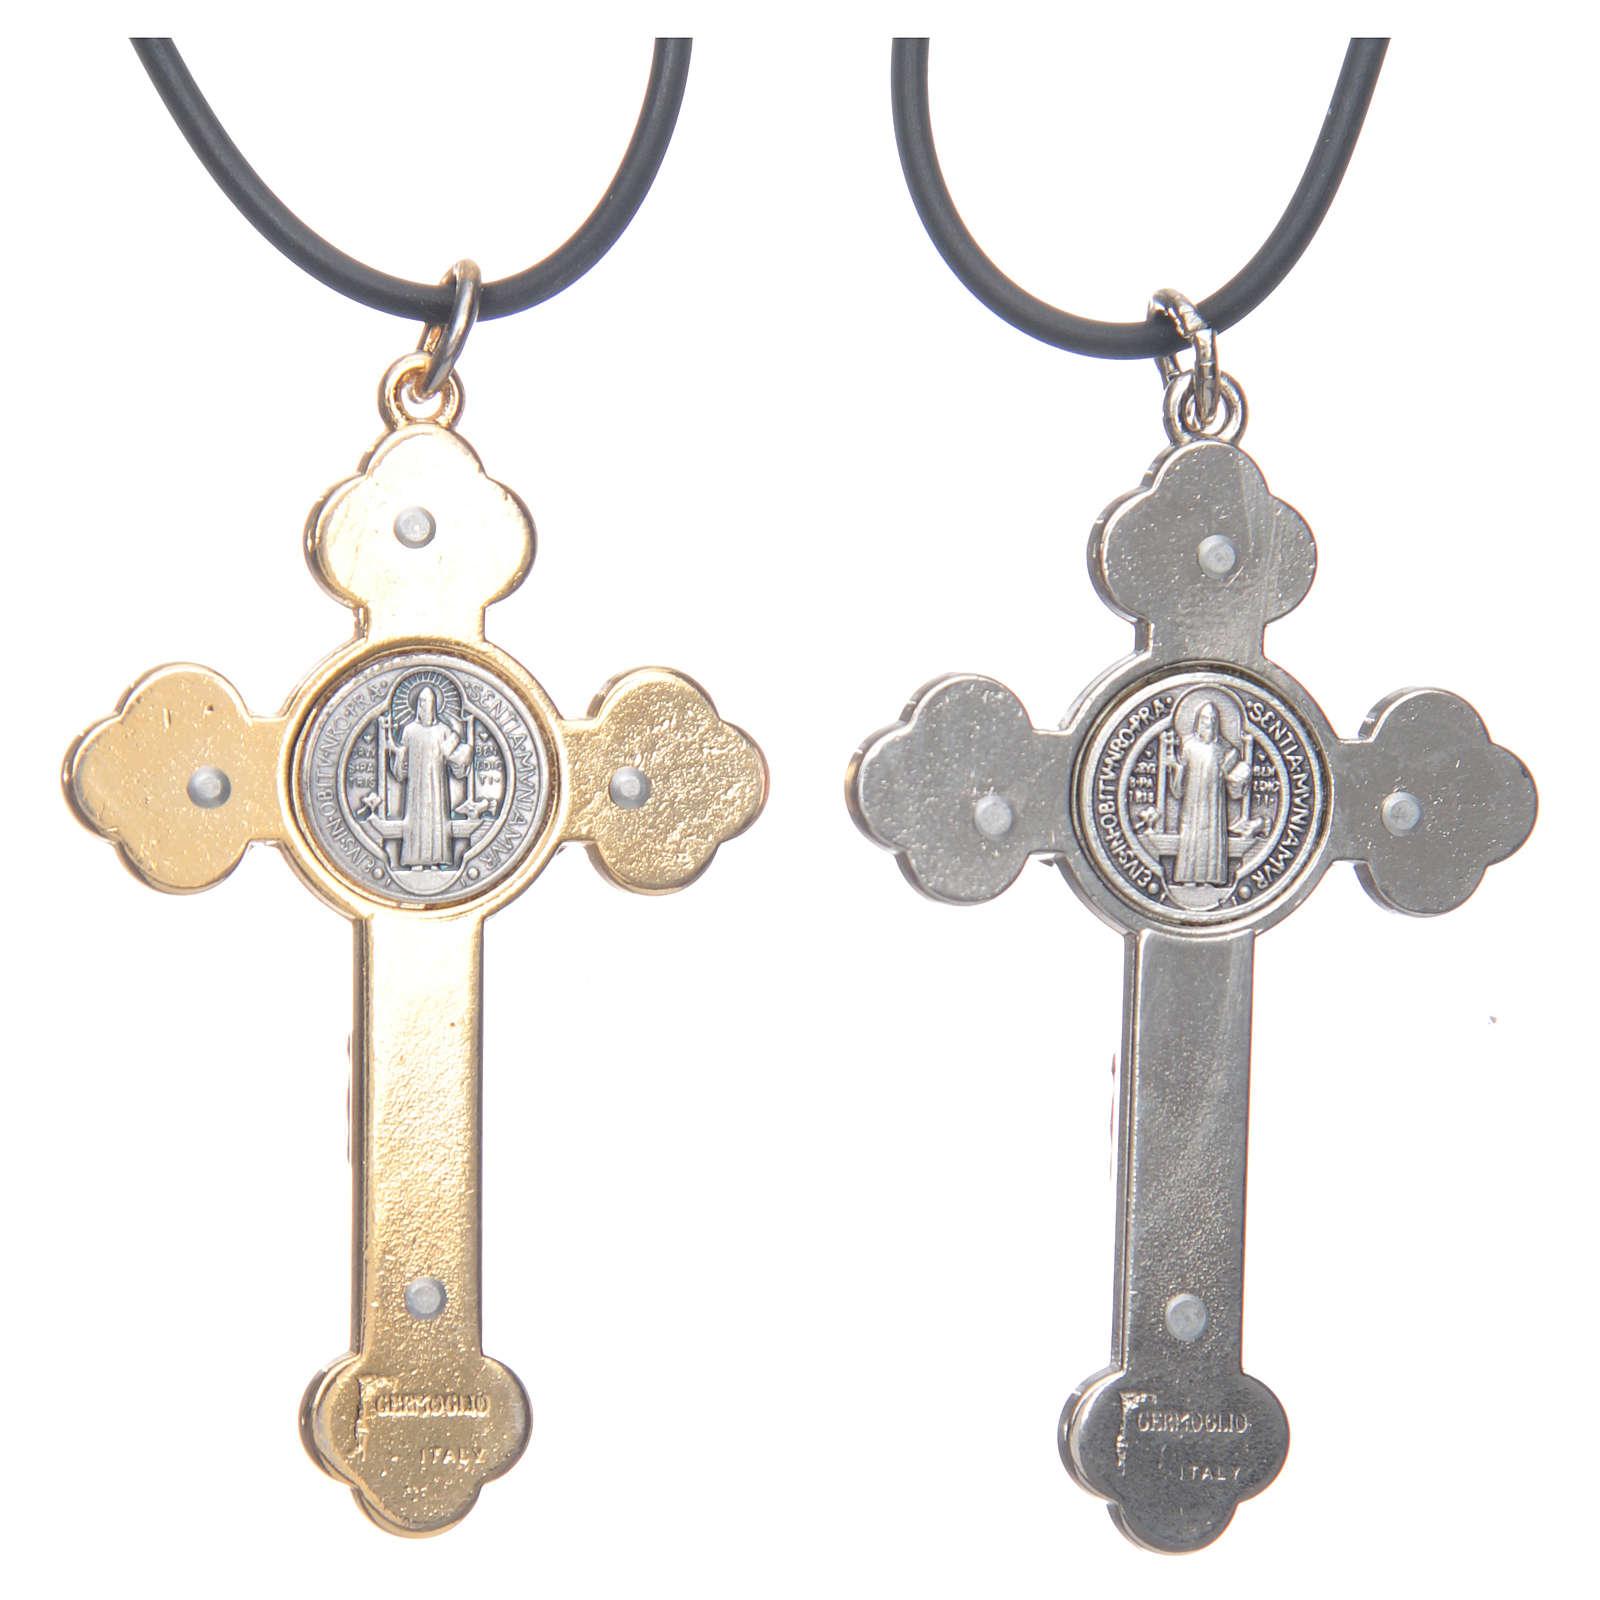 Collier croix gotique St Benoit rose 6x3 4